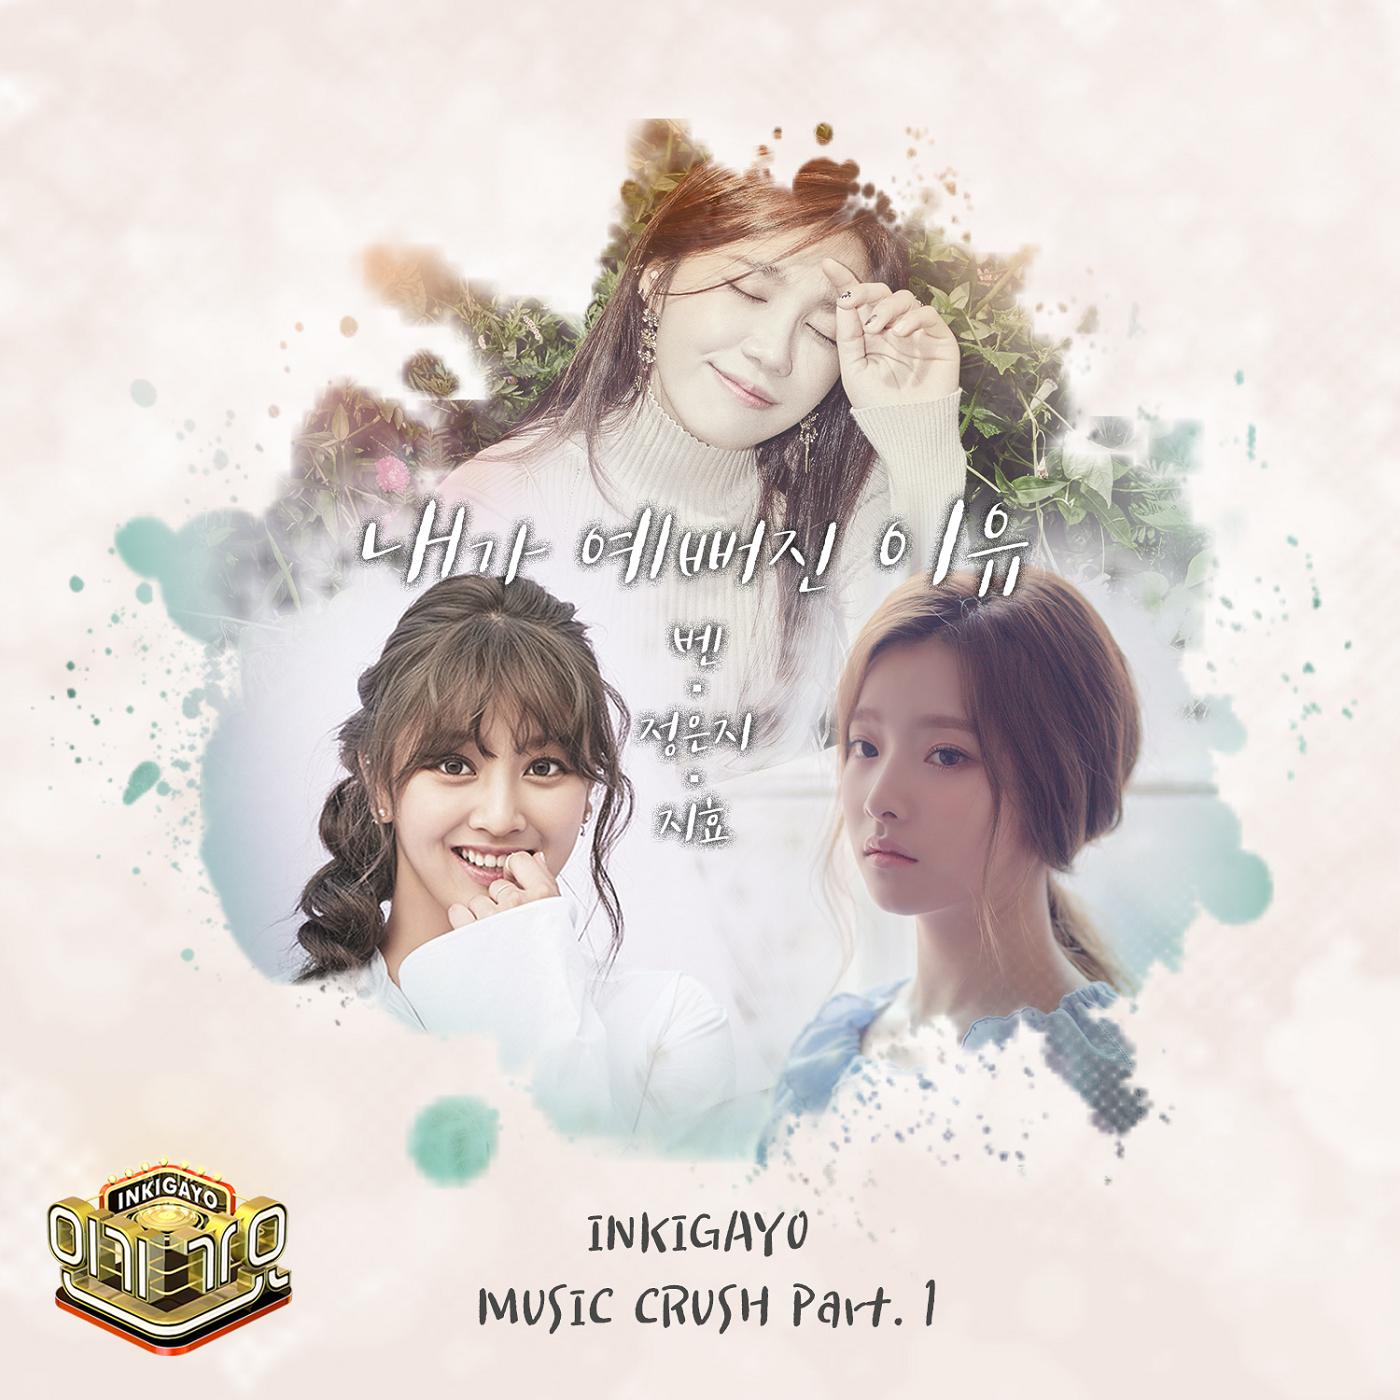 Inkigayo Music Crush Part.1